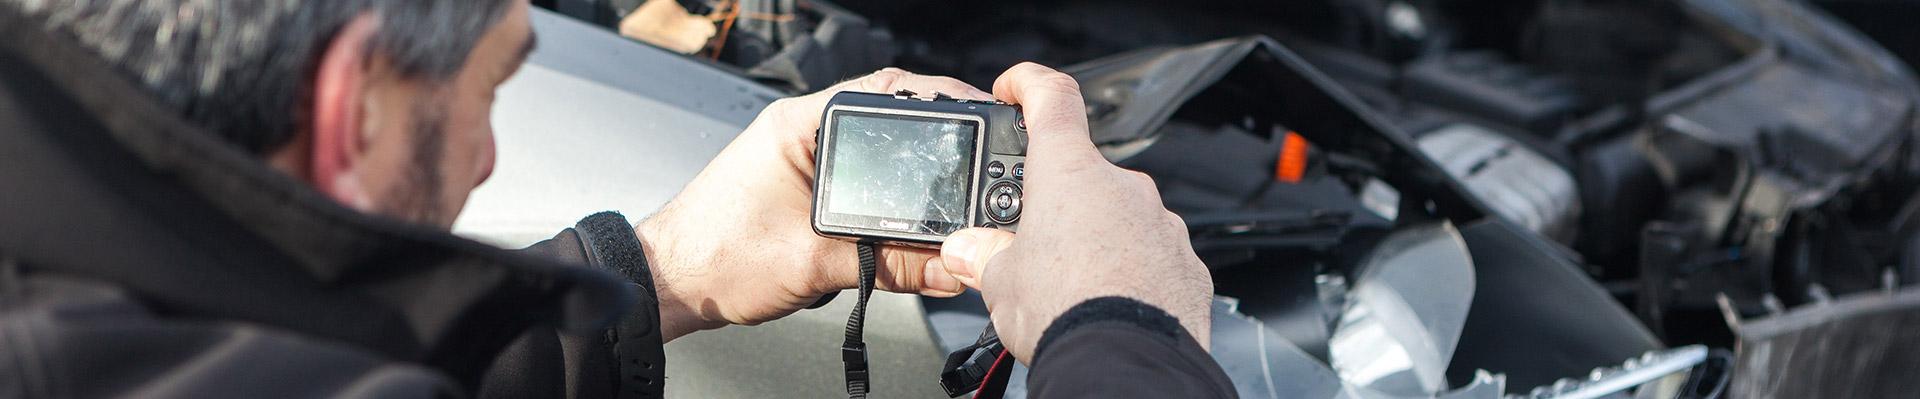 Schäden werden mit einer Kamera dokumentiert